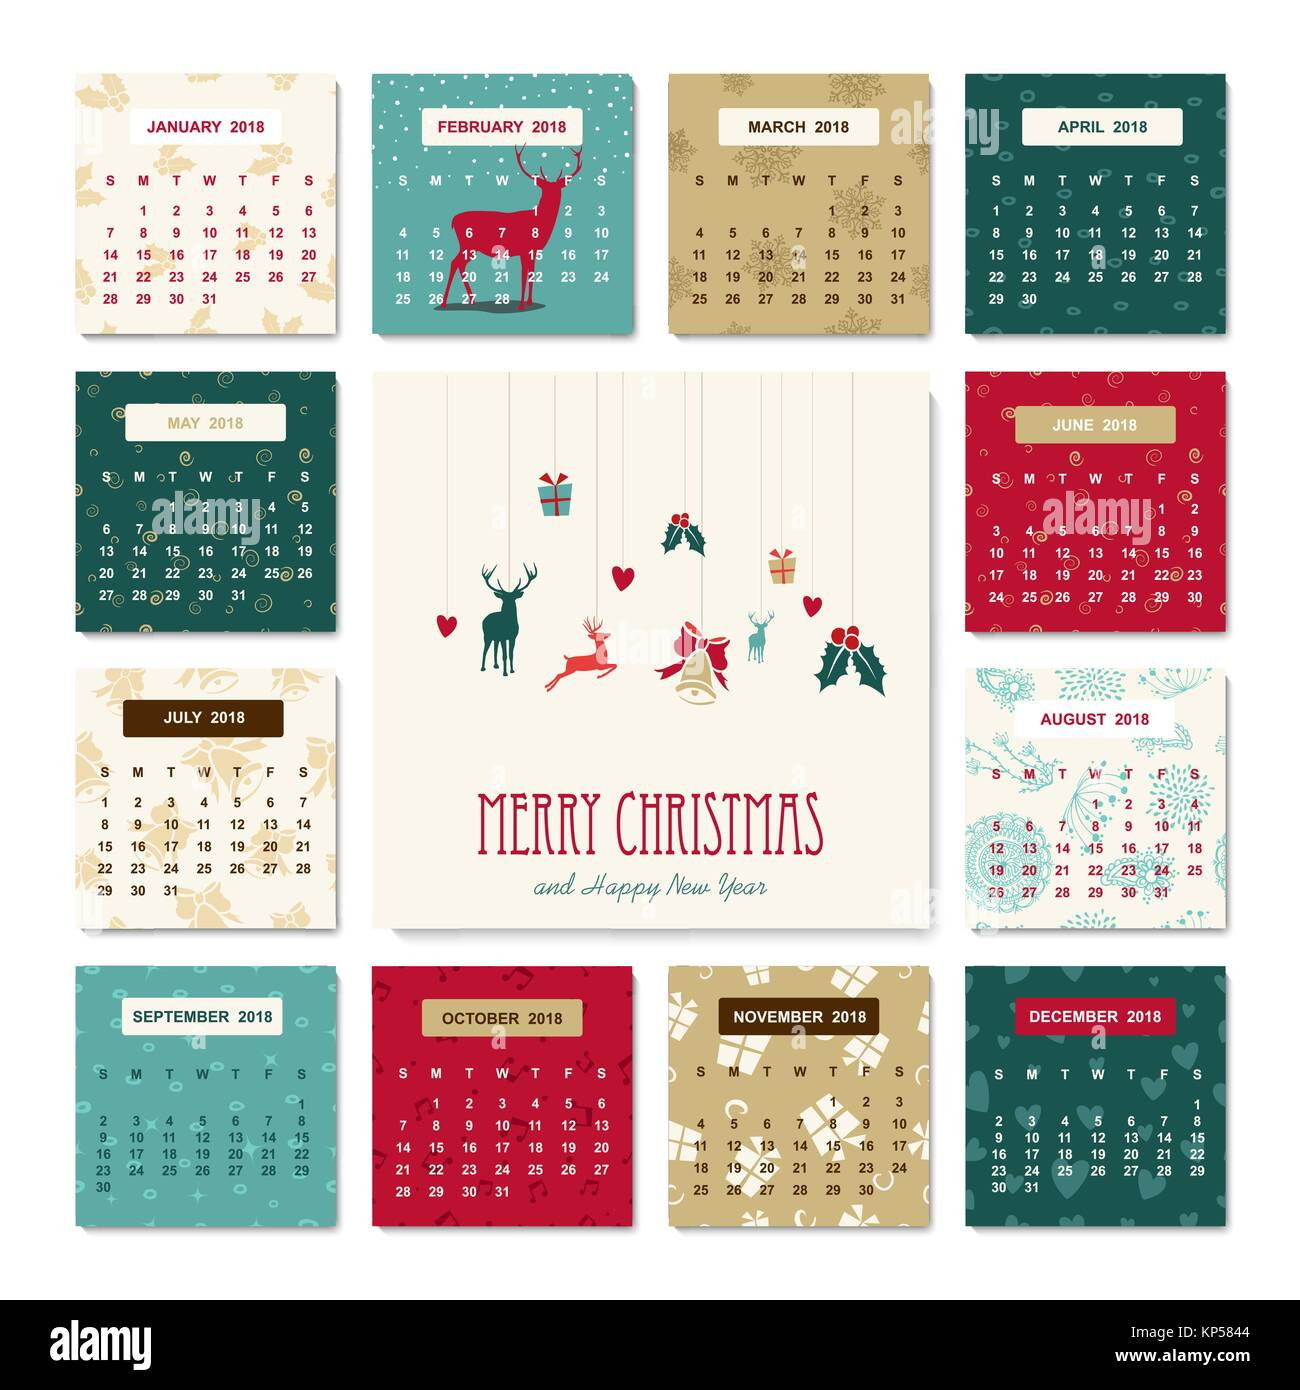 Calendar 2018 Vector Imágenes De Stock & Calendar 2018 Vector Fotos ...